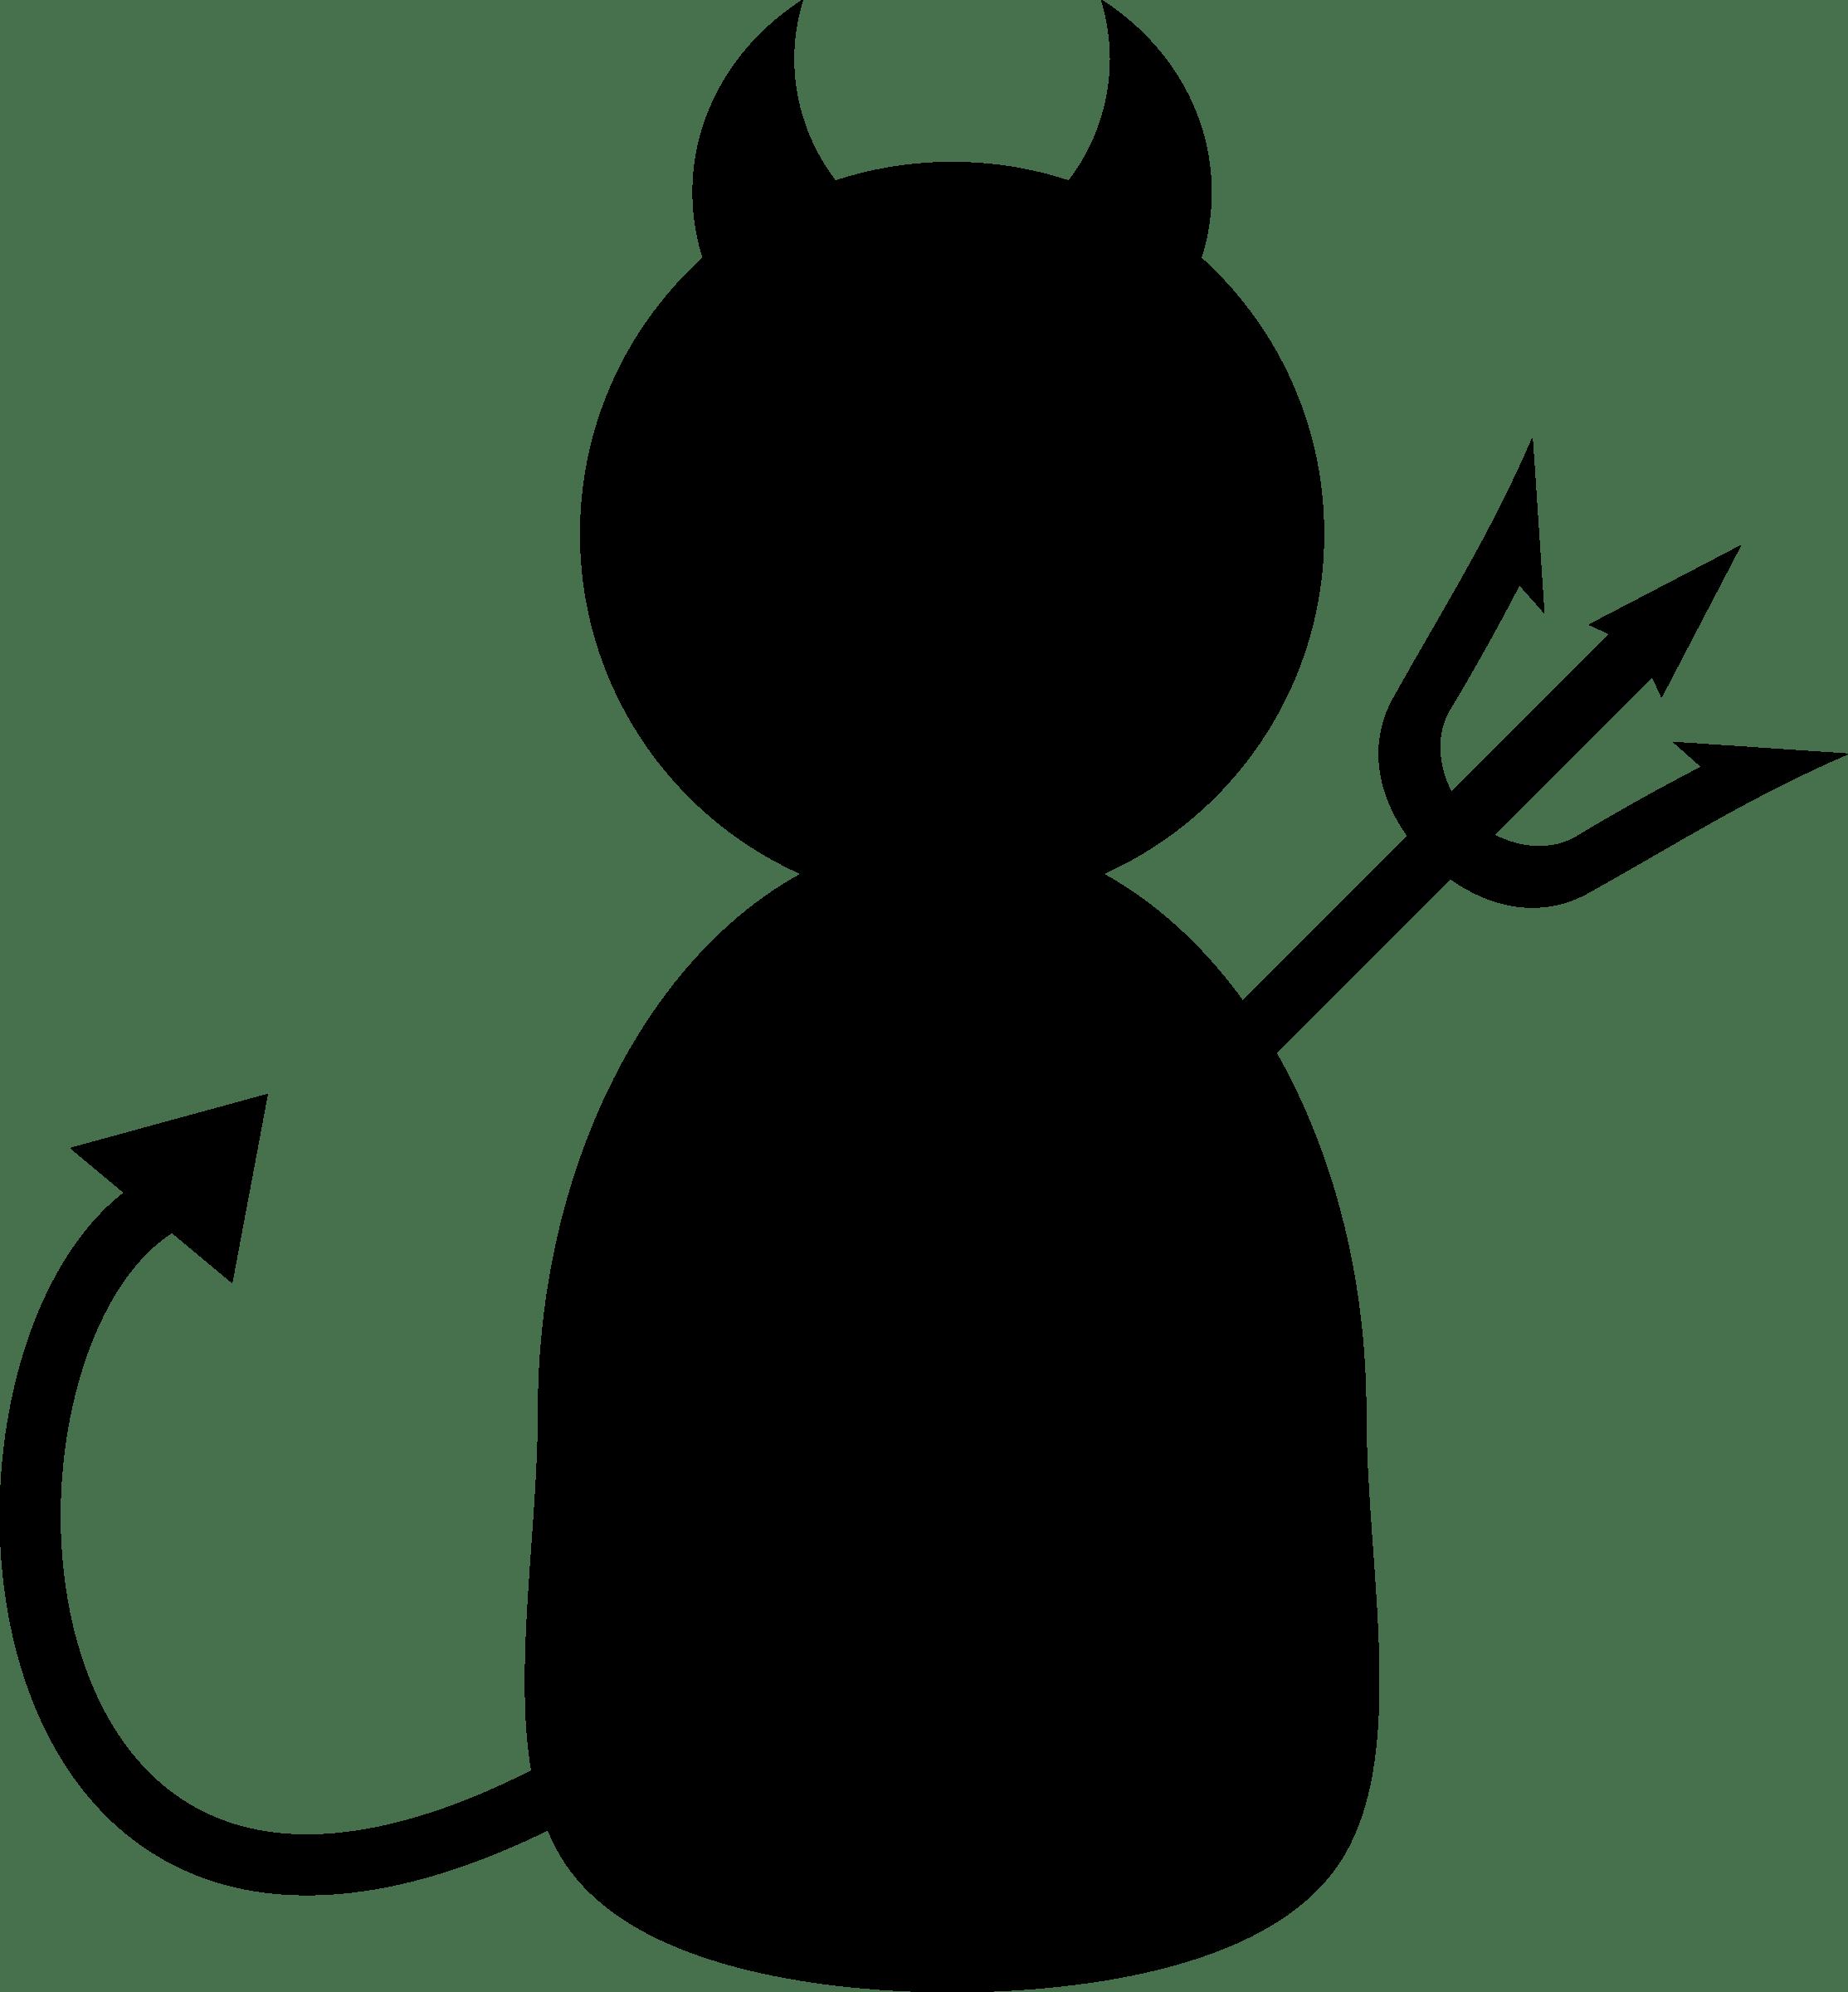 Demons clipart 3 » Clipart Portal.